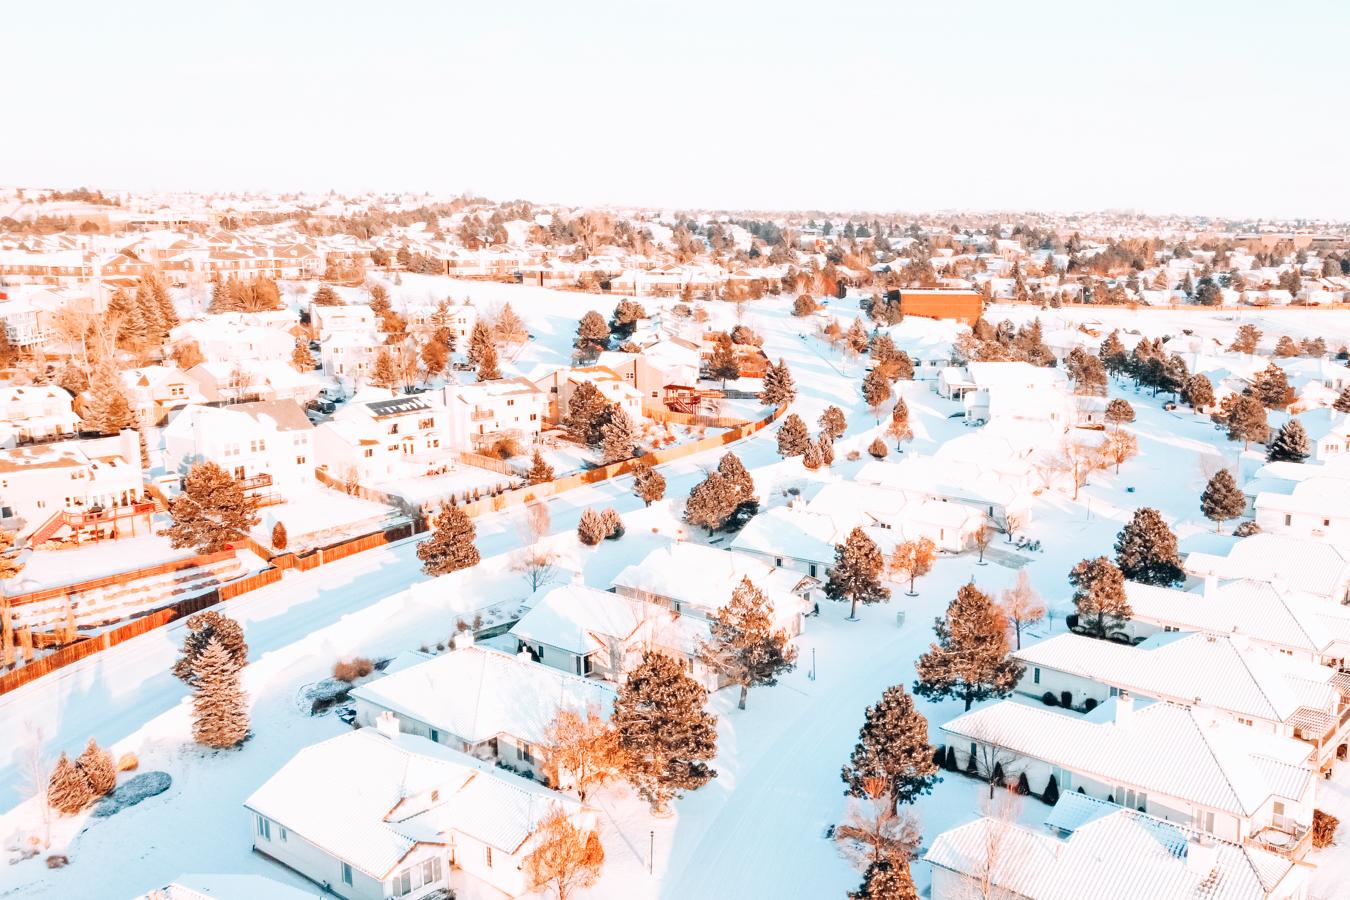 Snow in Colorado Springs